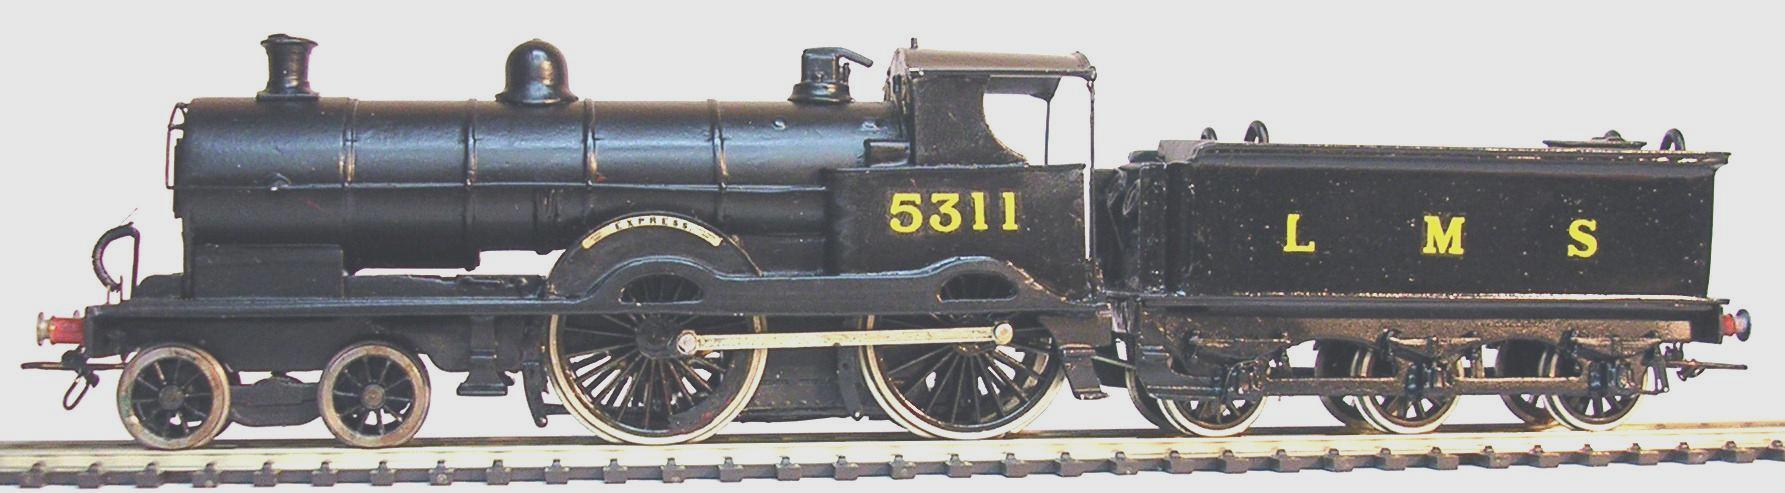 4010 LNWR / LMS Precursor 4-4-0